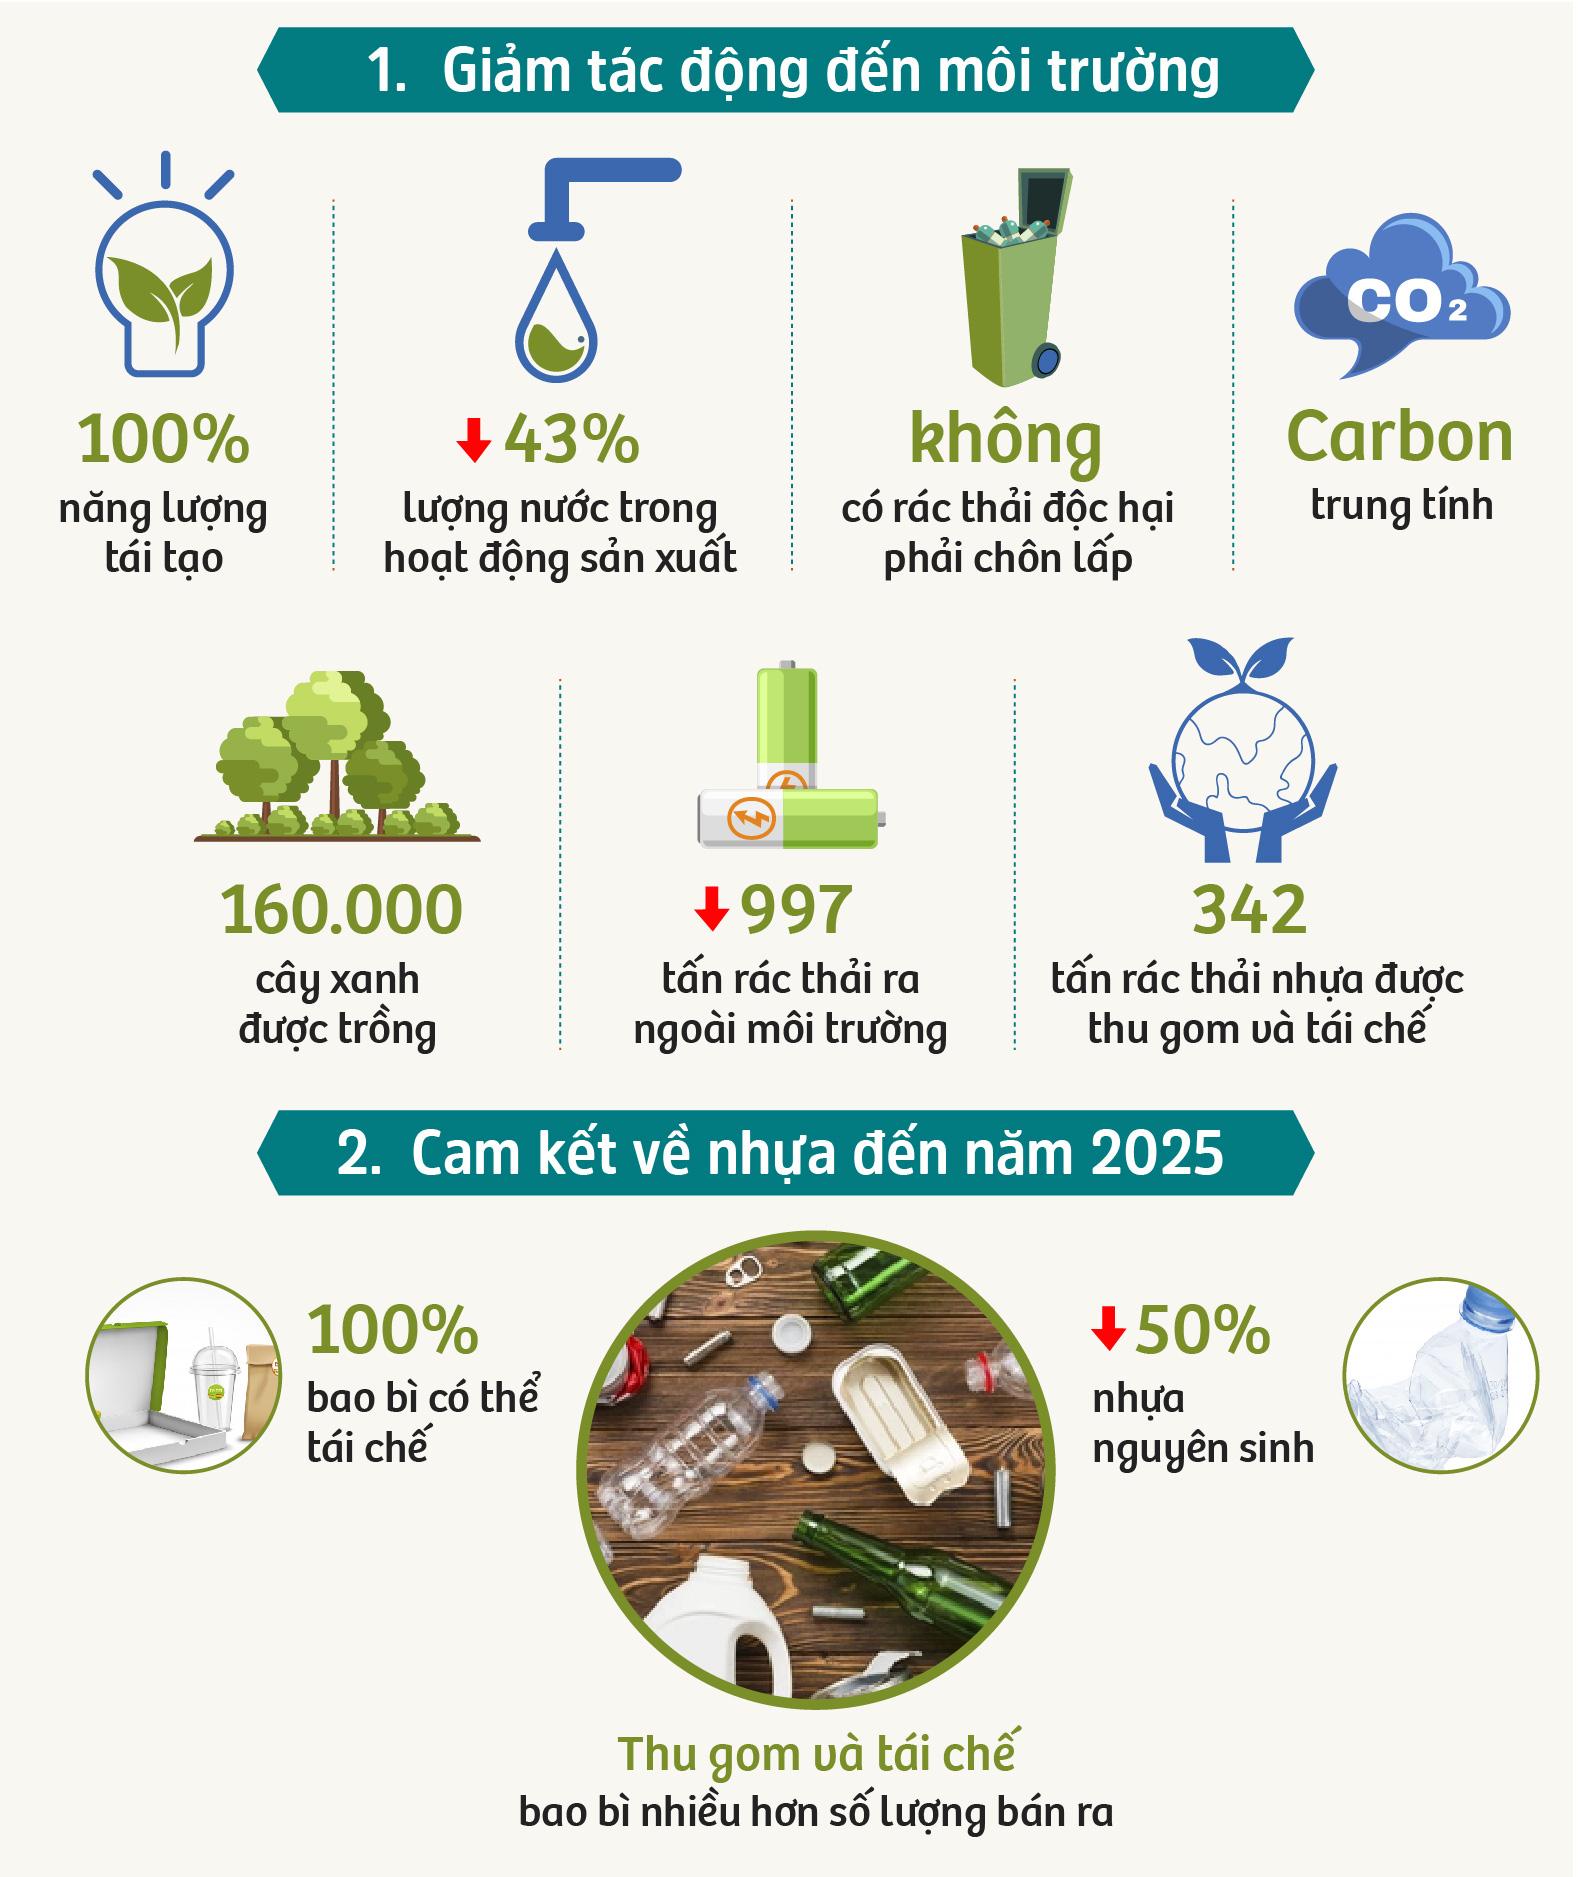 Câu chuyện về nhựa: Lời giải của một tập đoàn FDI hàng đầu thế giới - Ảnh 9.